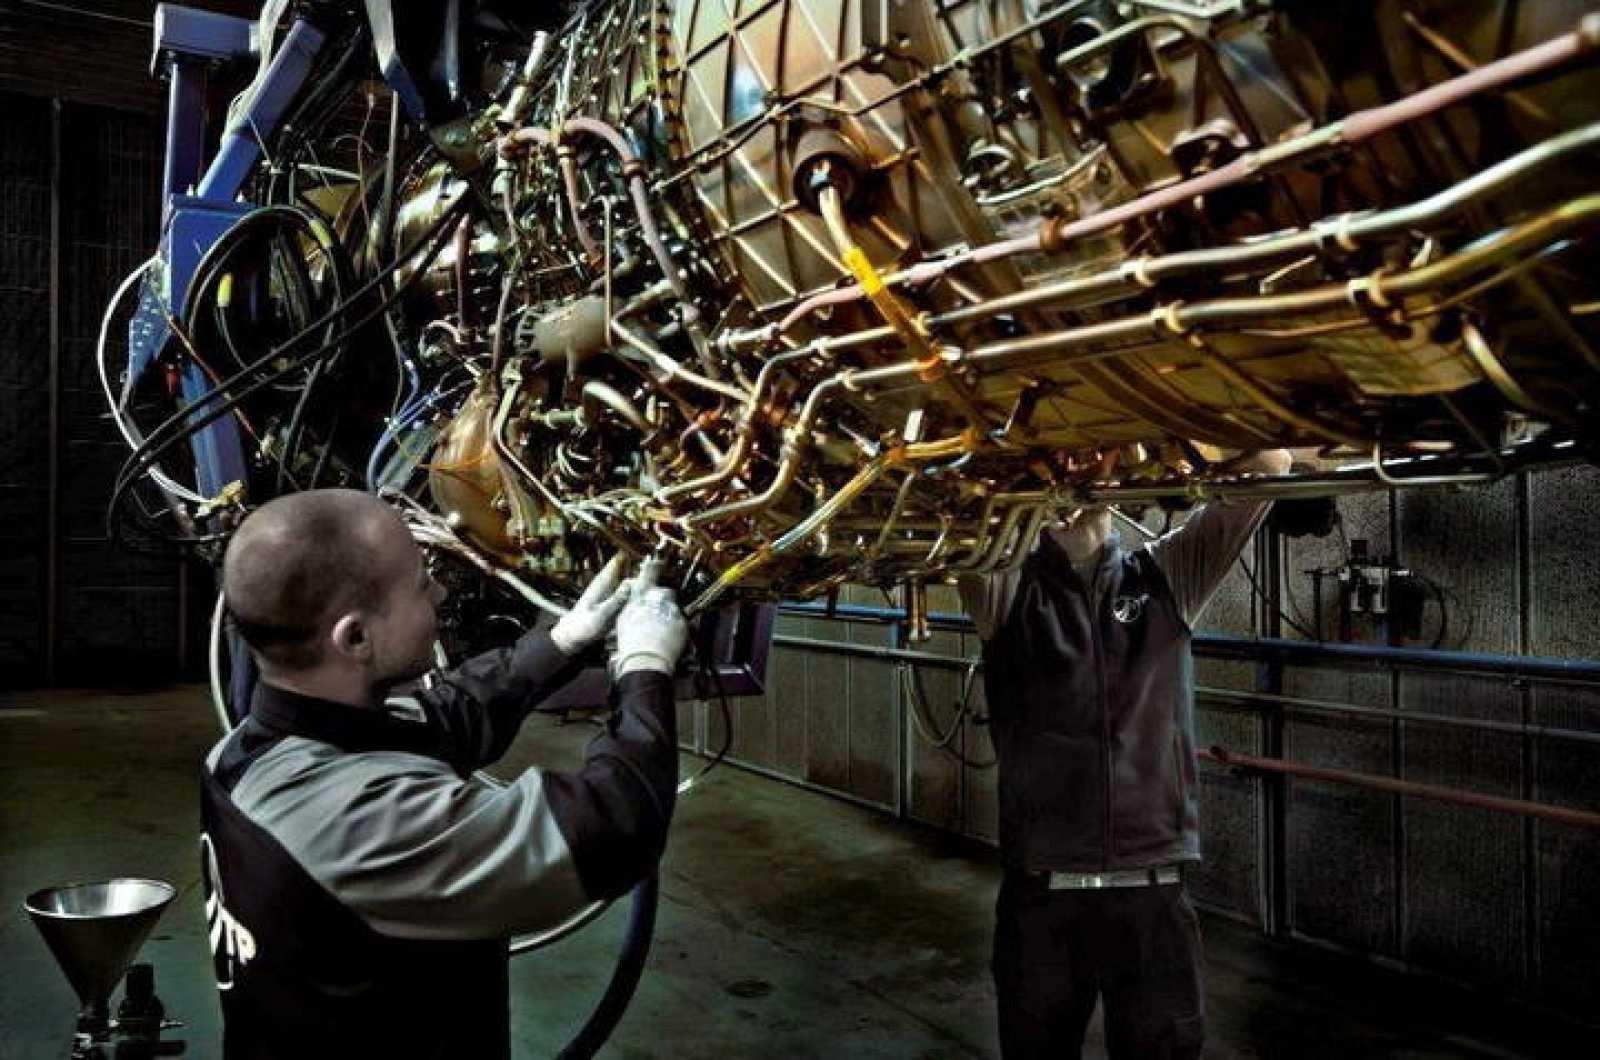 Trabajadores en un banco de pruebas de propulsores